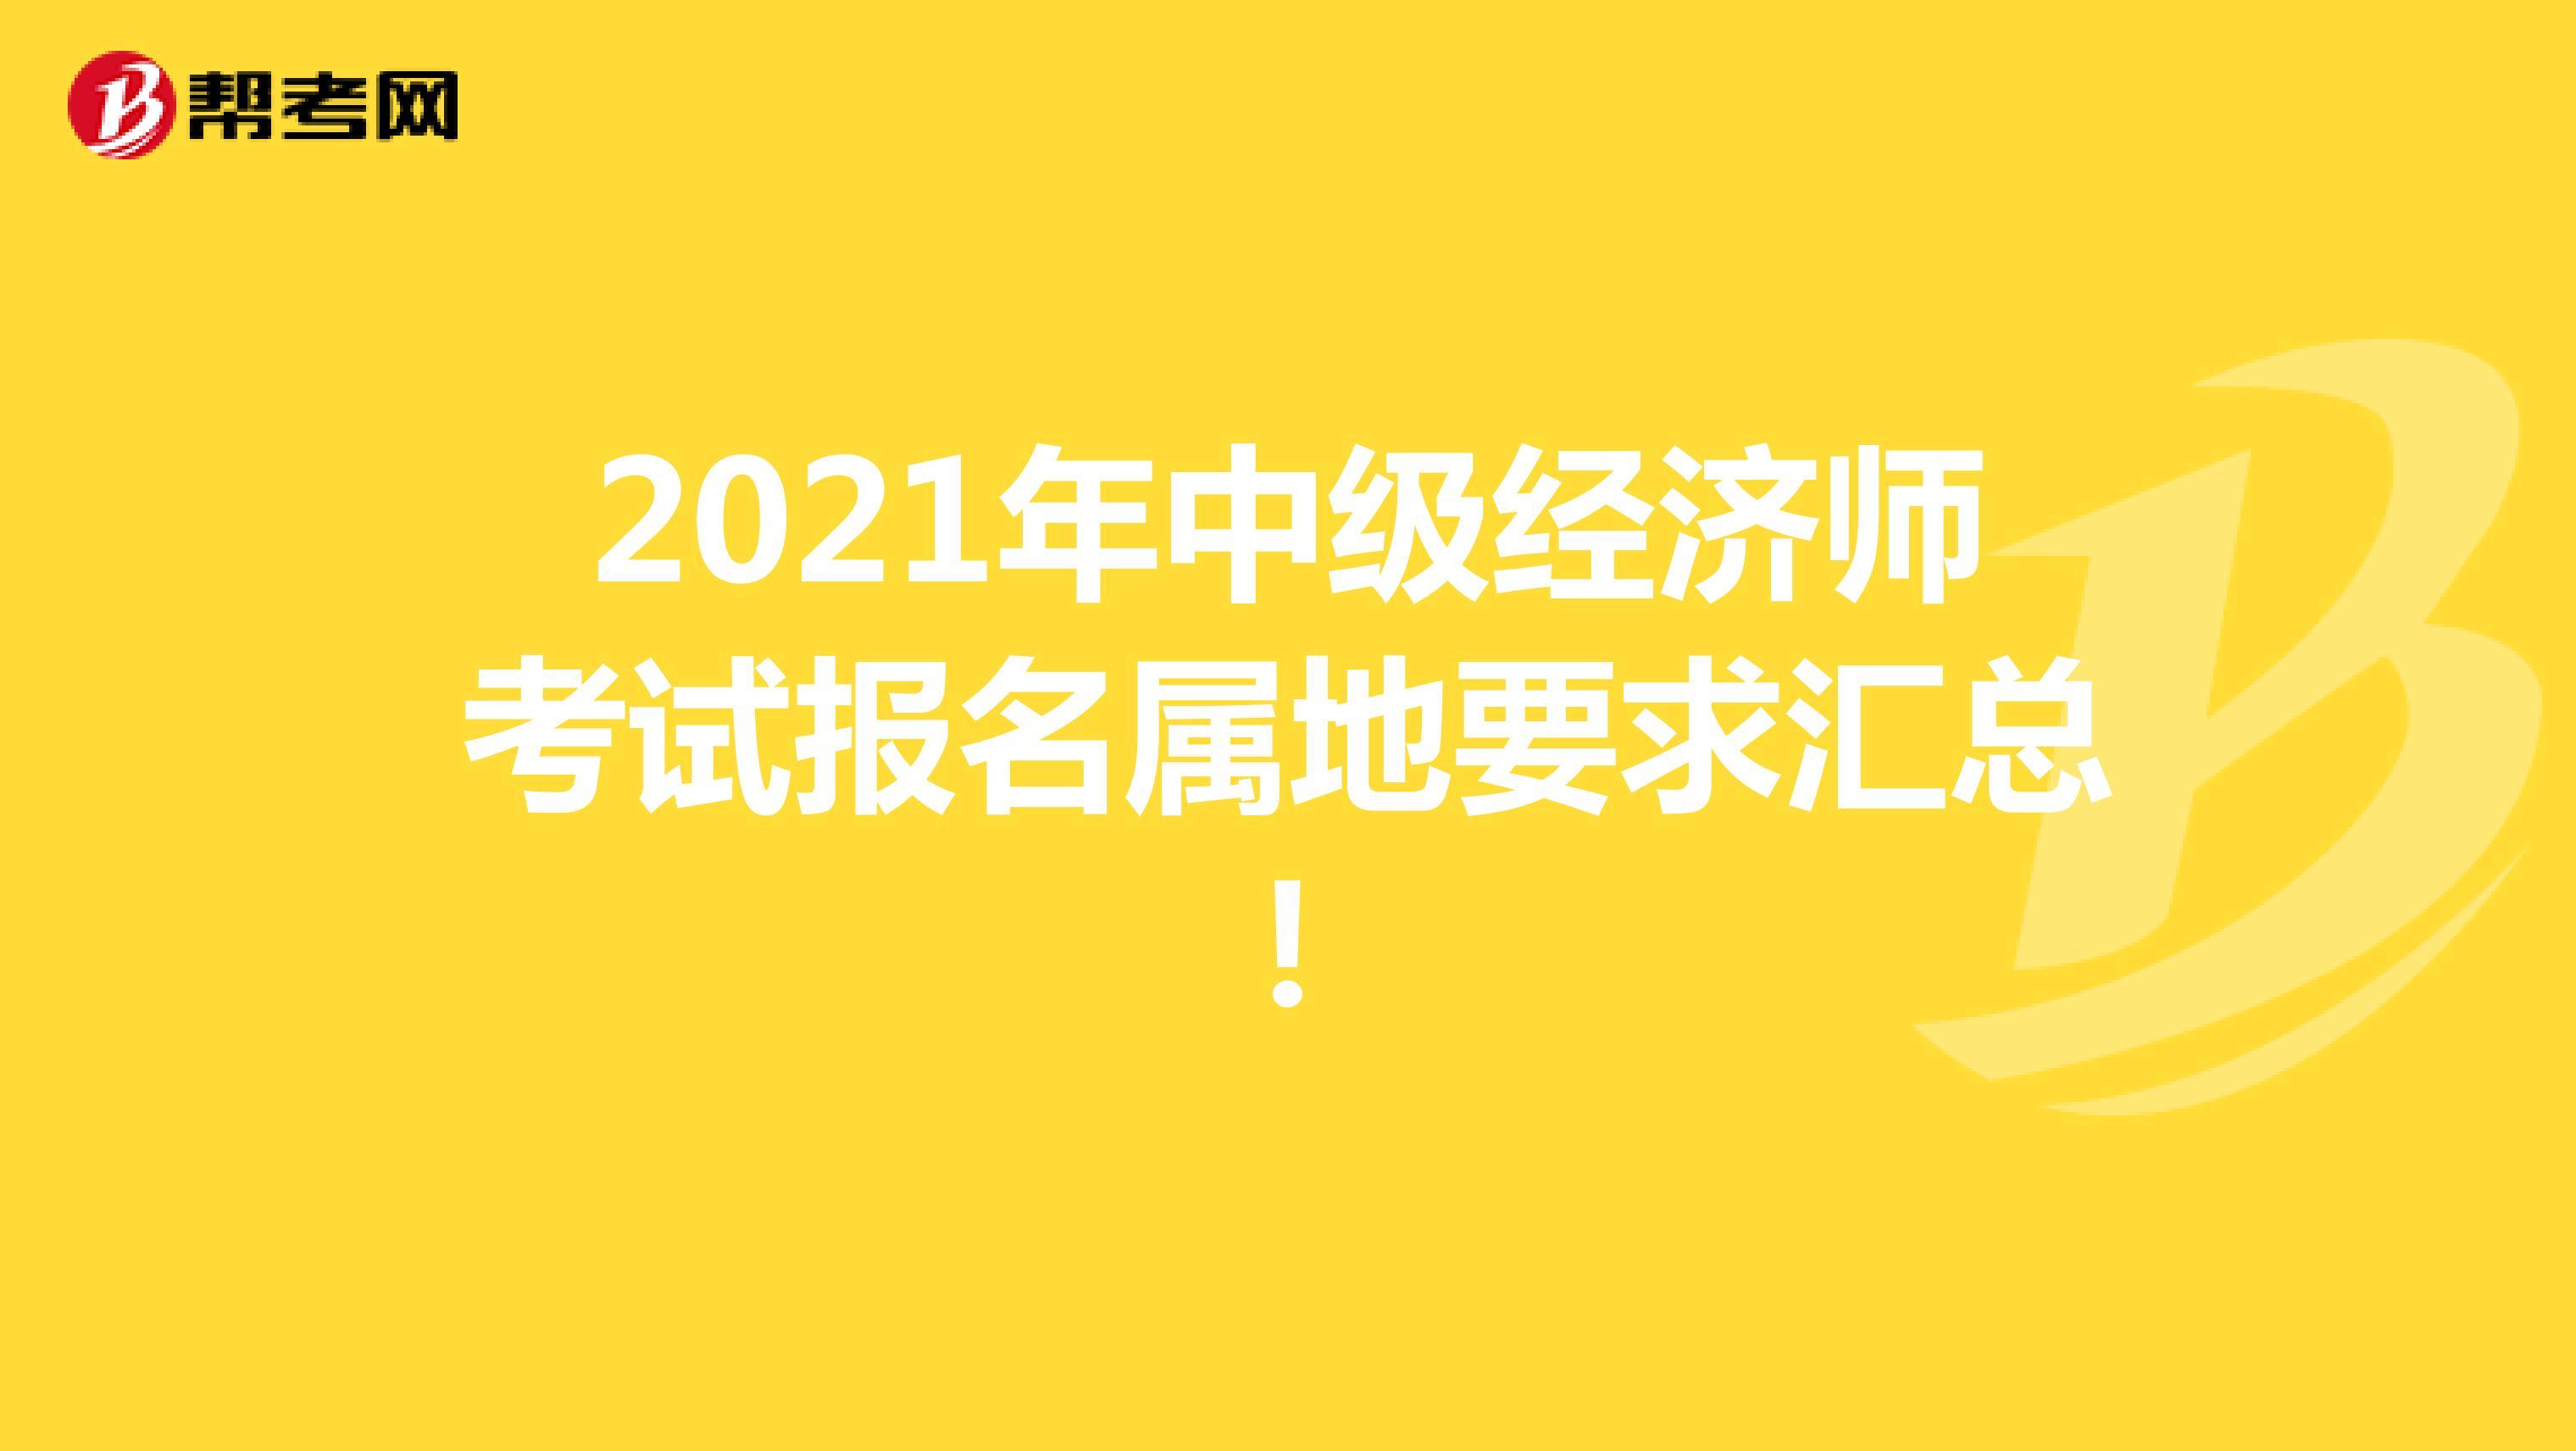 2021年中级经济师考试报名属地要求汇总!